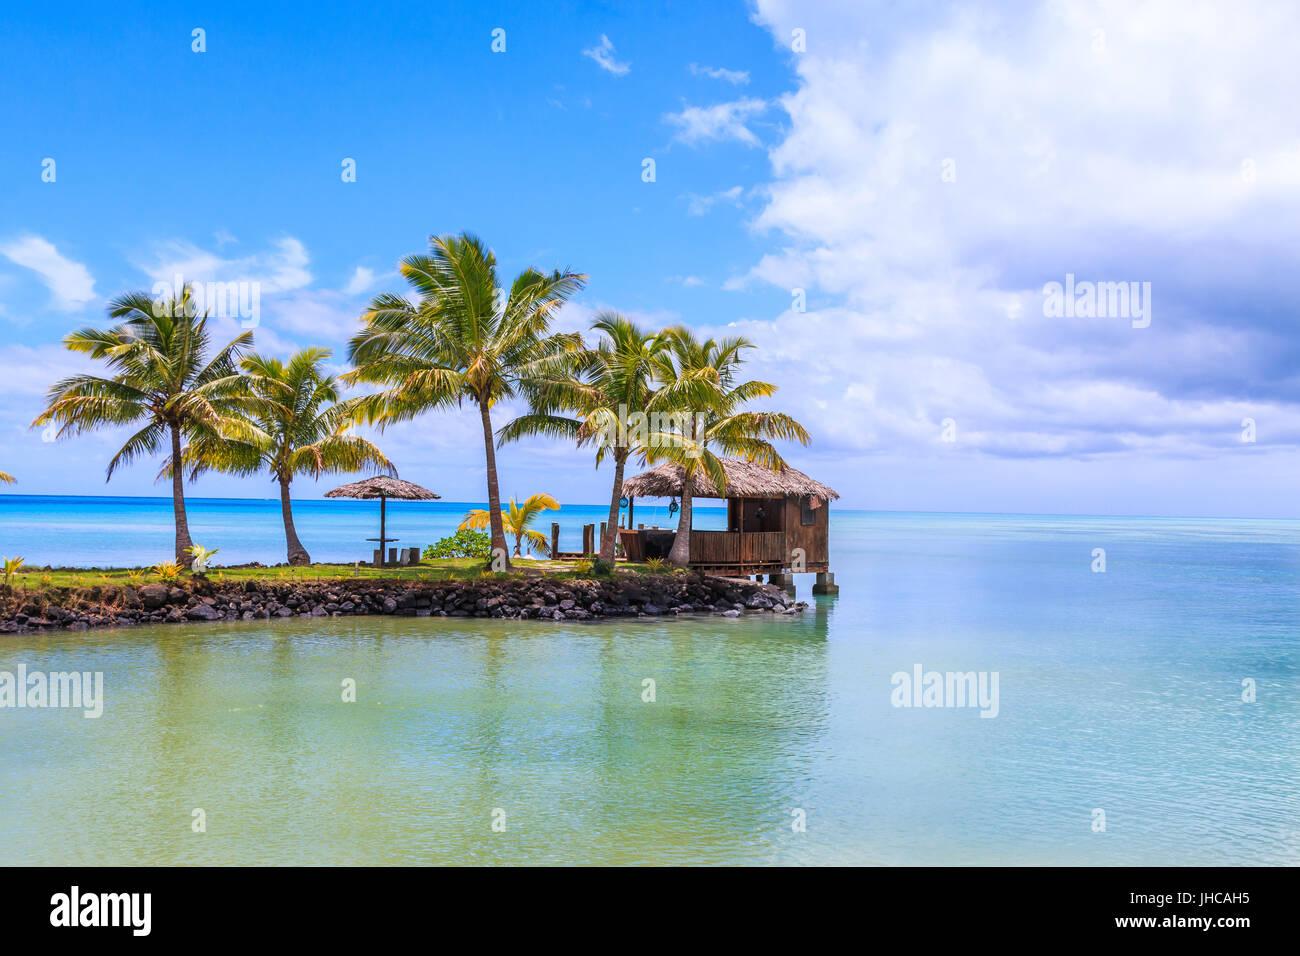 Isola di Samoa.tropicale sulla spiaggia Samoa Isola con palme. Immagini Stock